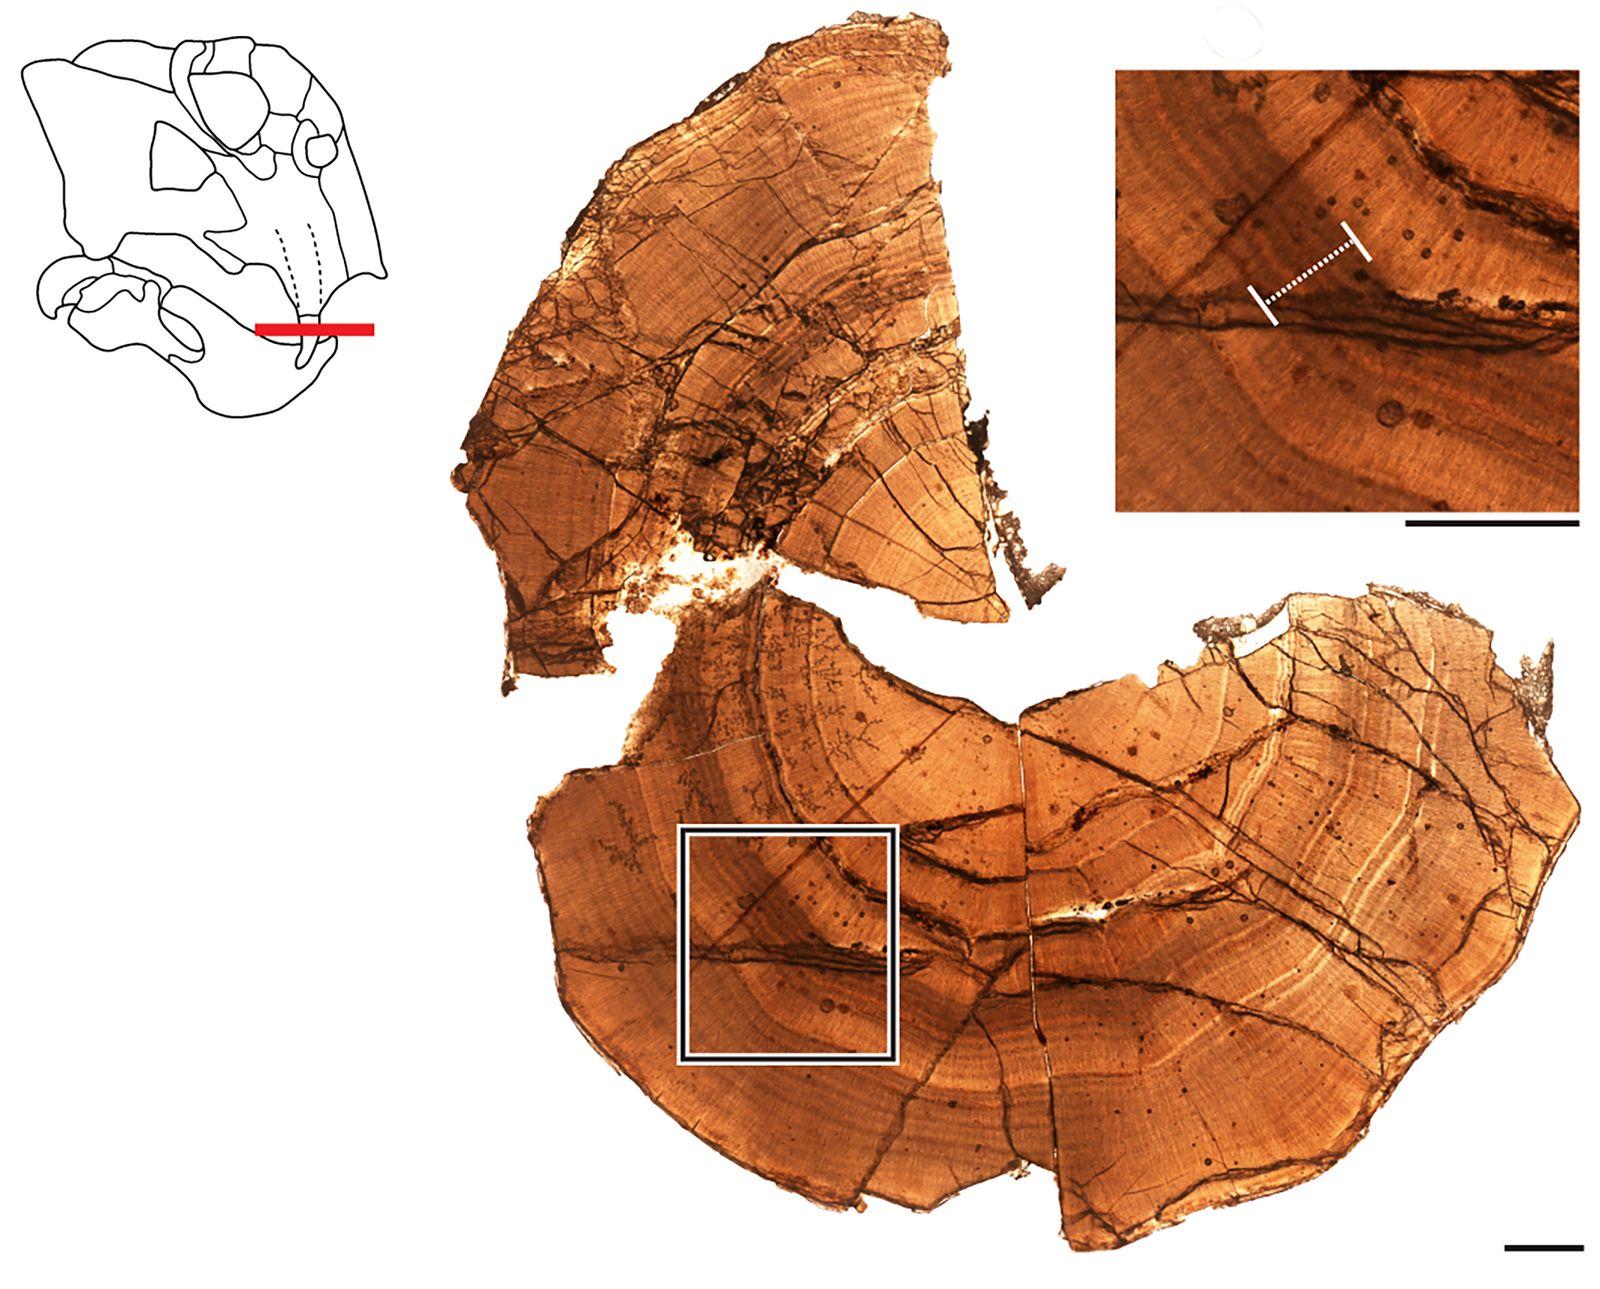 Dossier: Schon vor 250 Millionen Jahren hielten Tiere womöglich W